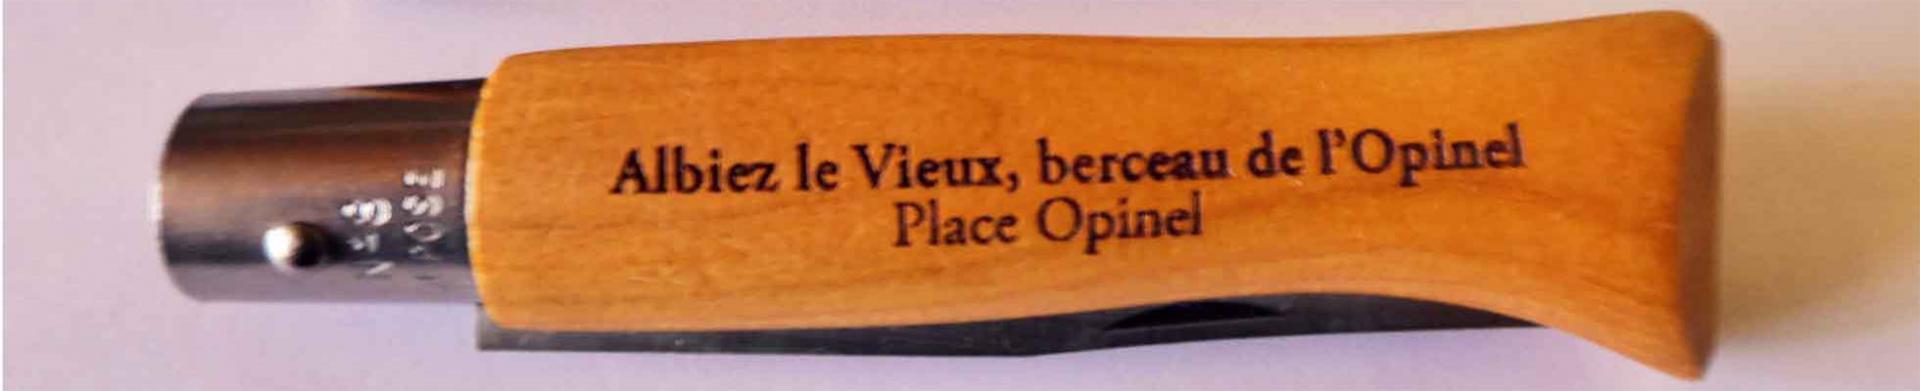 Histoire de la création de l'Opinel au Musée avec Yves Guide du Patrimoine Savoie Mont Blanc